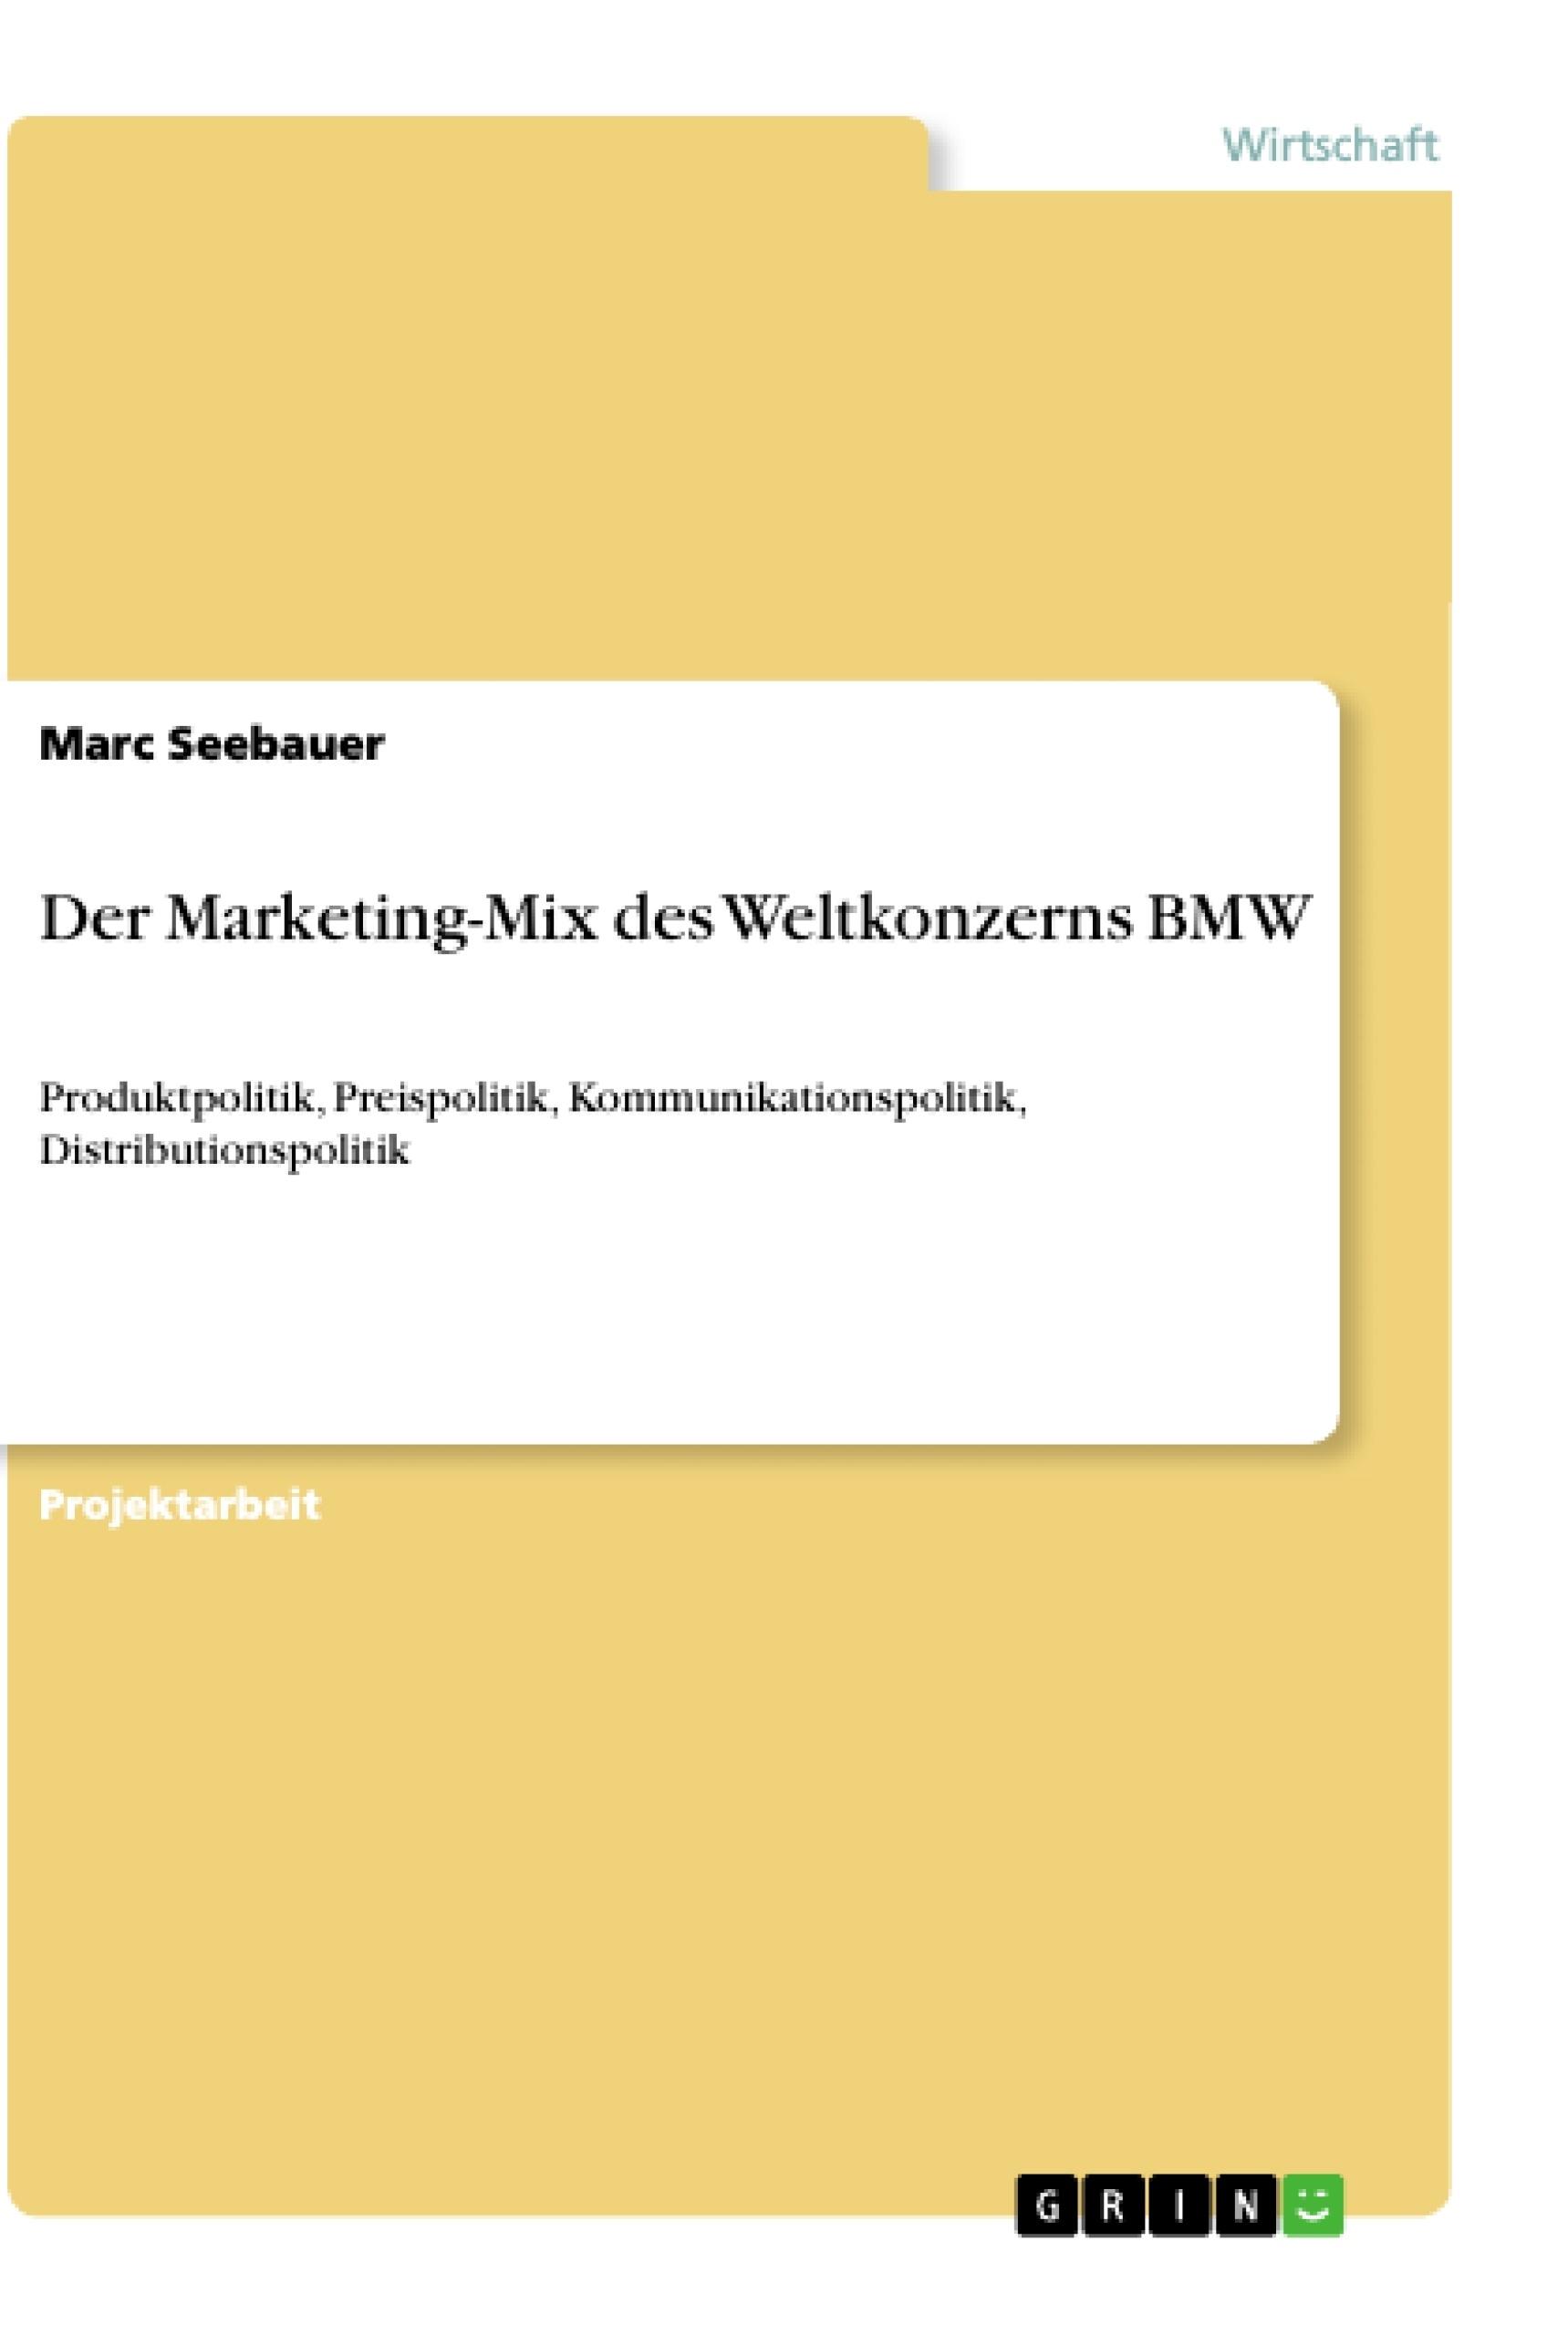 Titel: Der Marketing-Mix des Weltkonzerns BMW